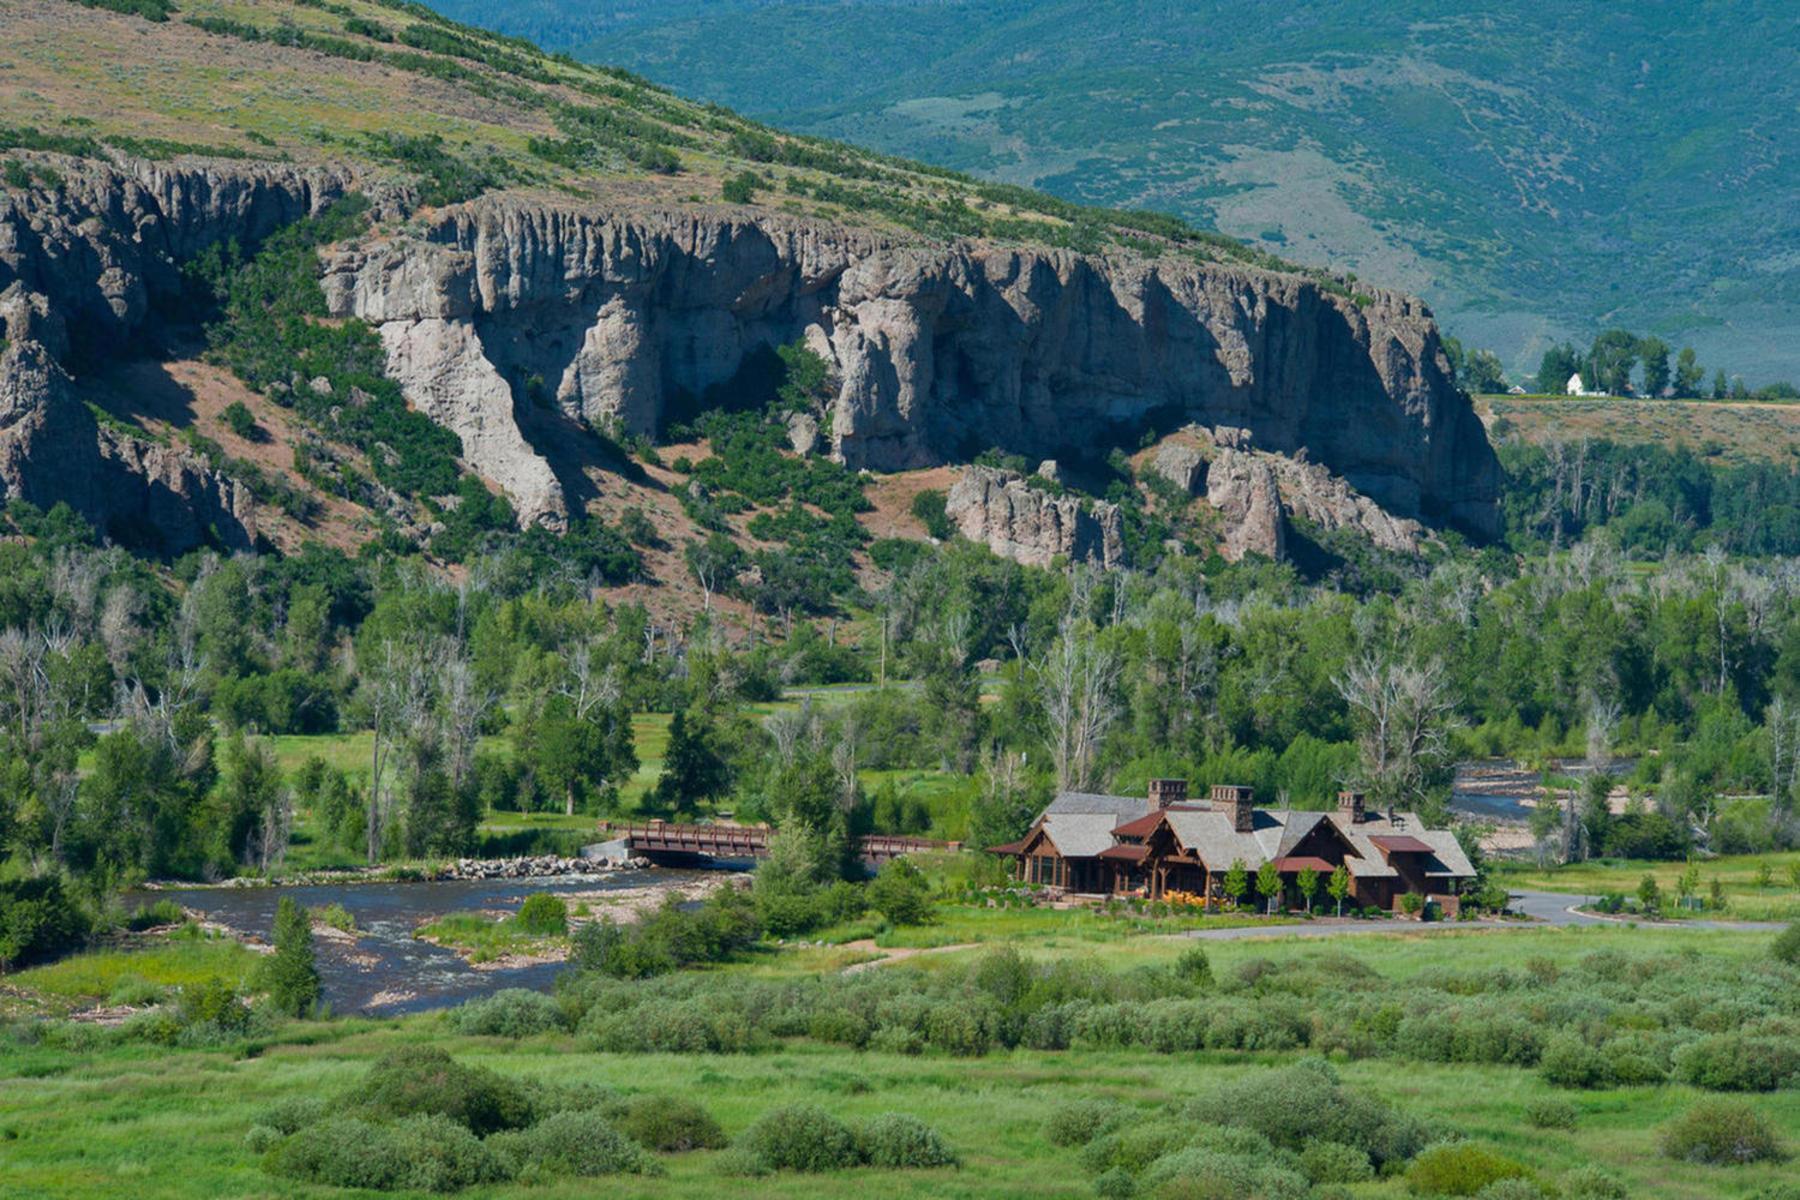 Terreno para Venda às Incredible Views! 6644 E Evening Star Dr Lot 260 Heber City, Utah 84032 Estados Unidos